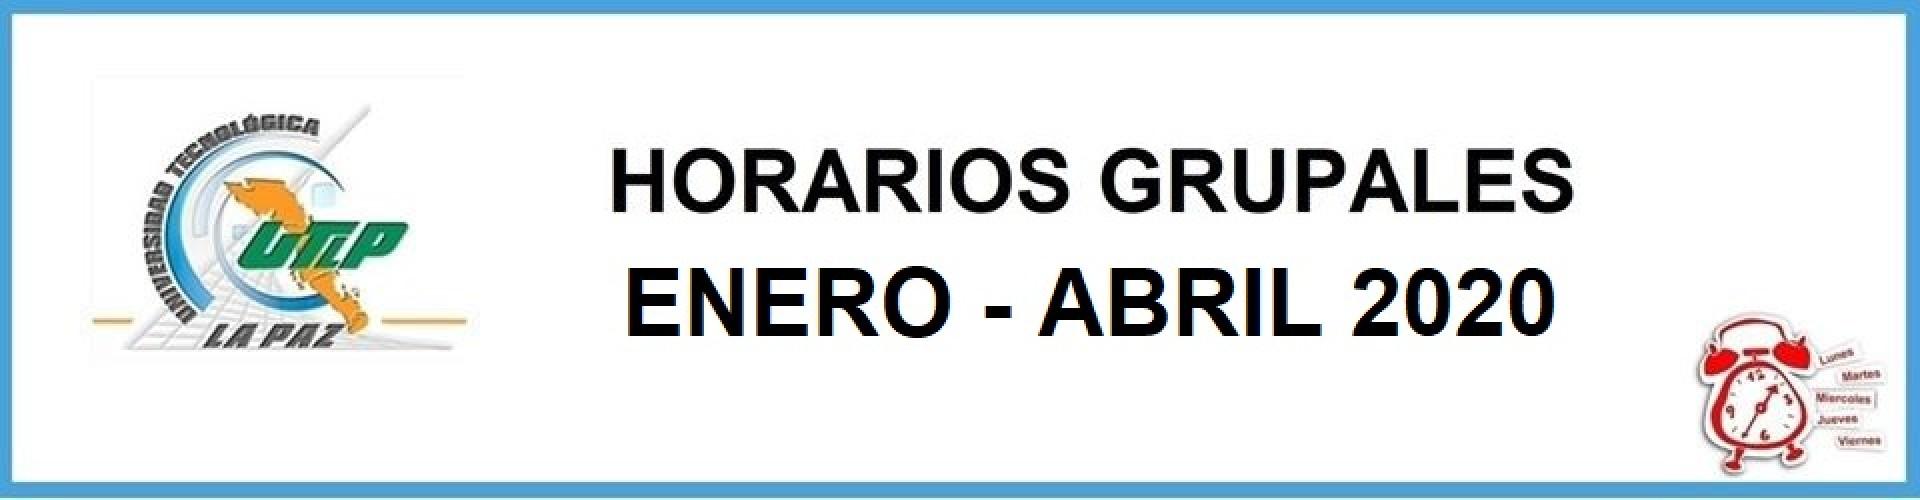 Horarios grupales Enero - Abril 2020